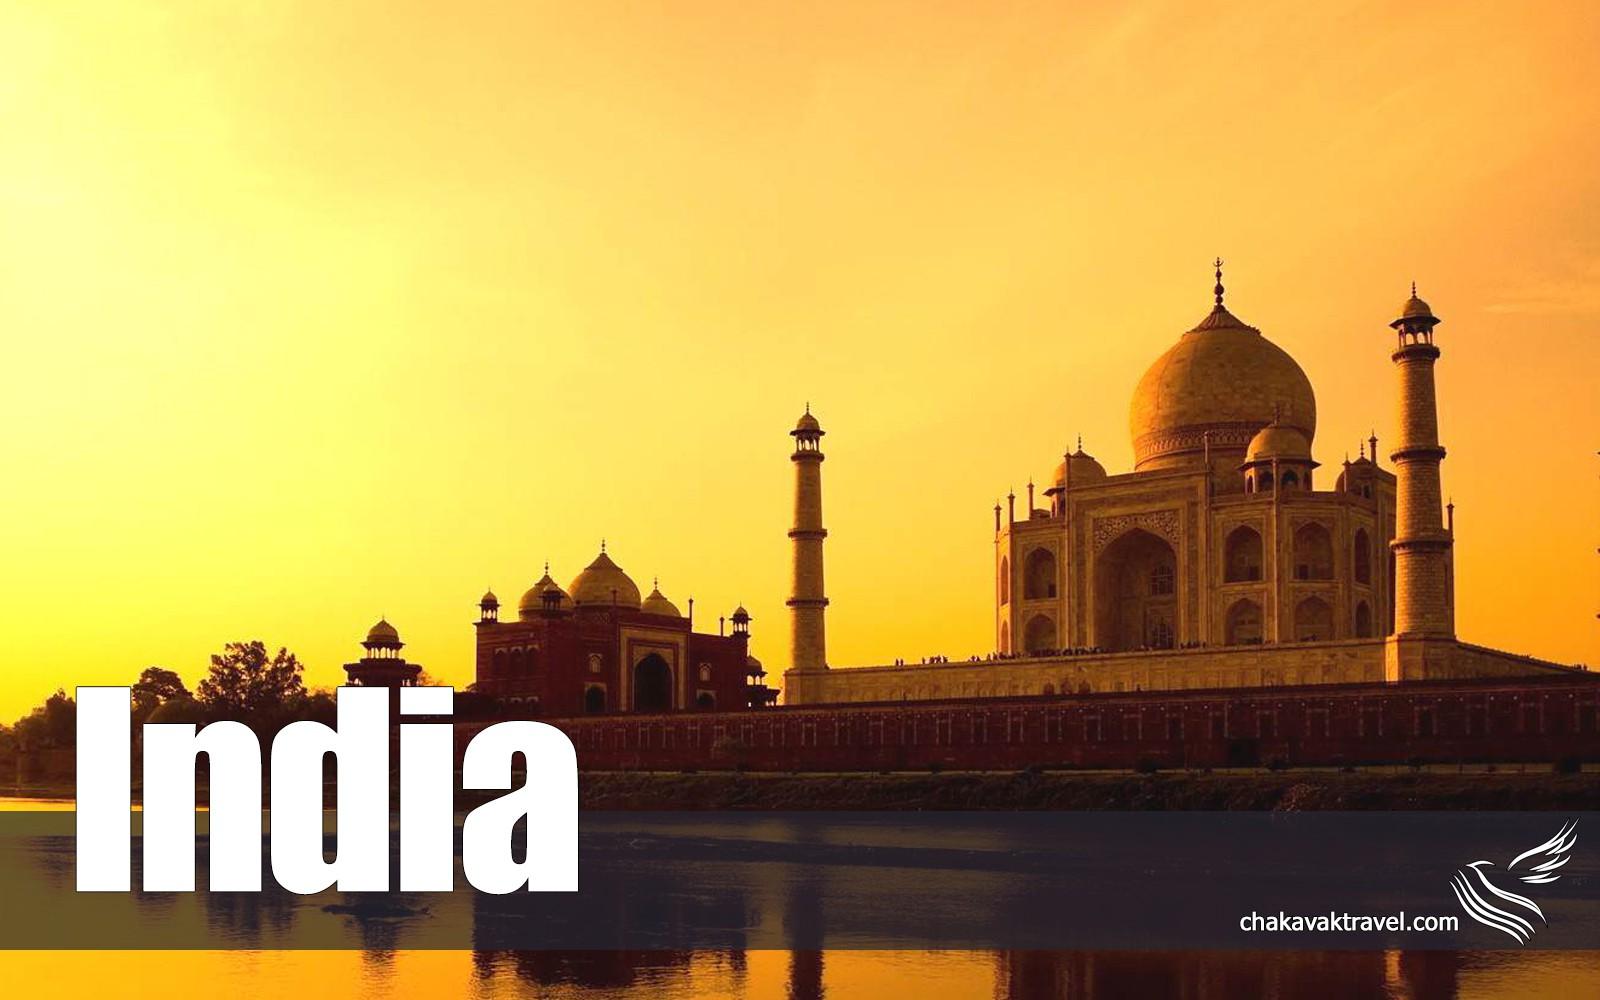 تور هند تور دهلی تور آگرا تور جیپور